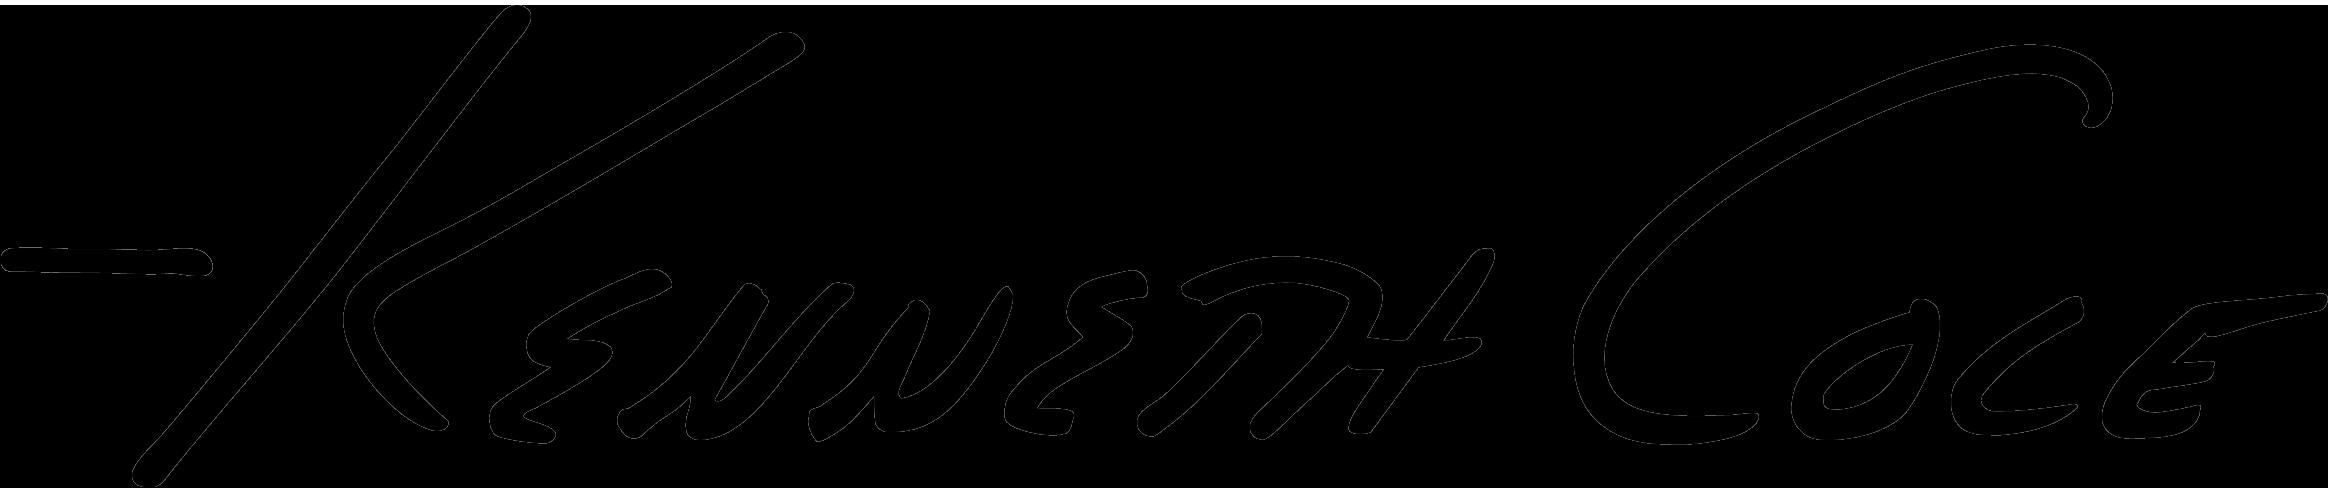 kenneth cole logo black.png